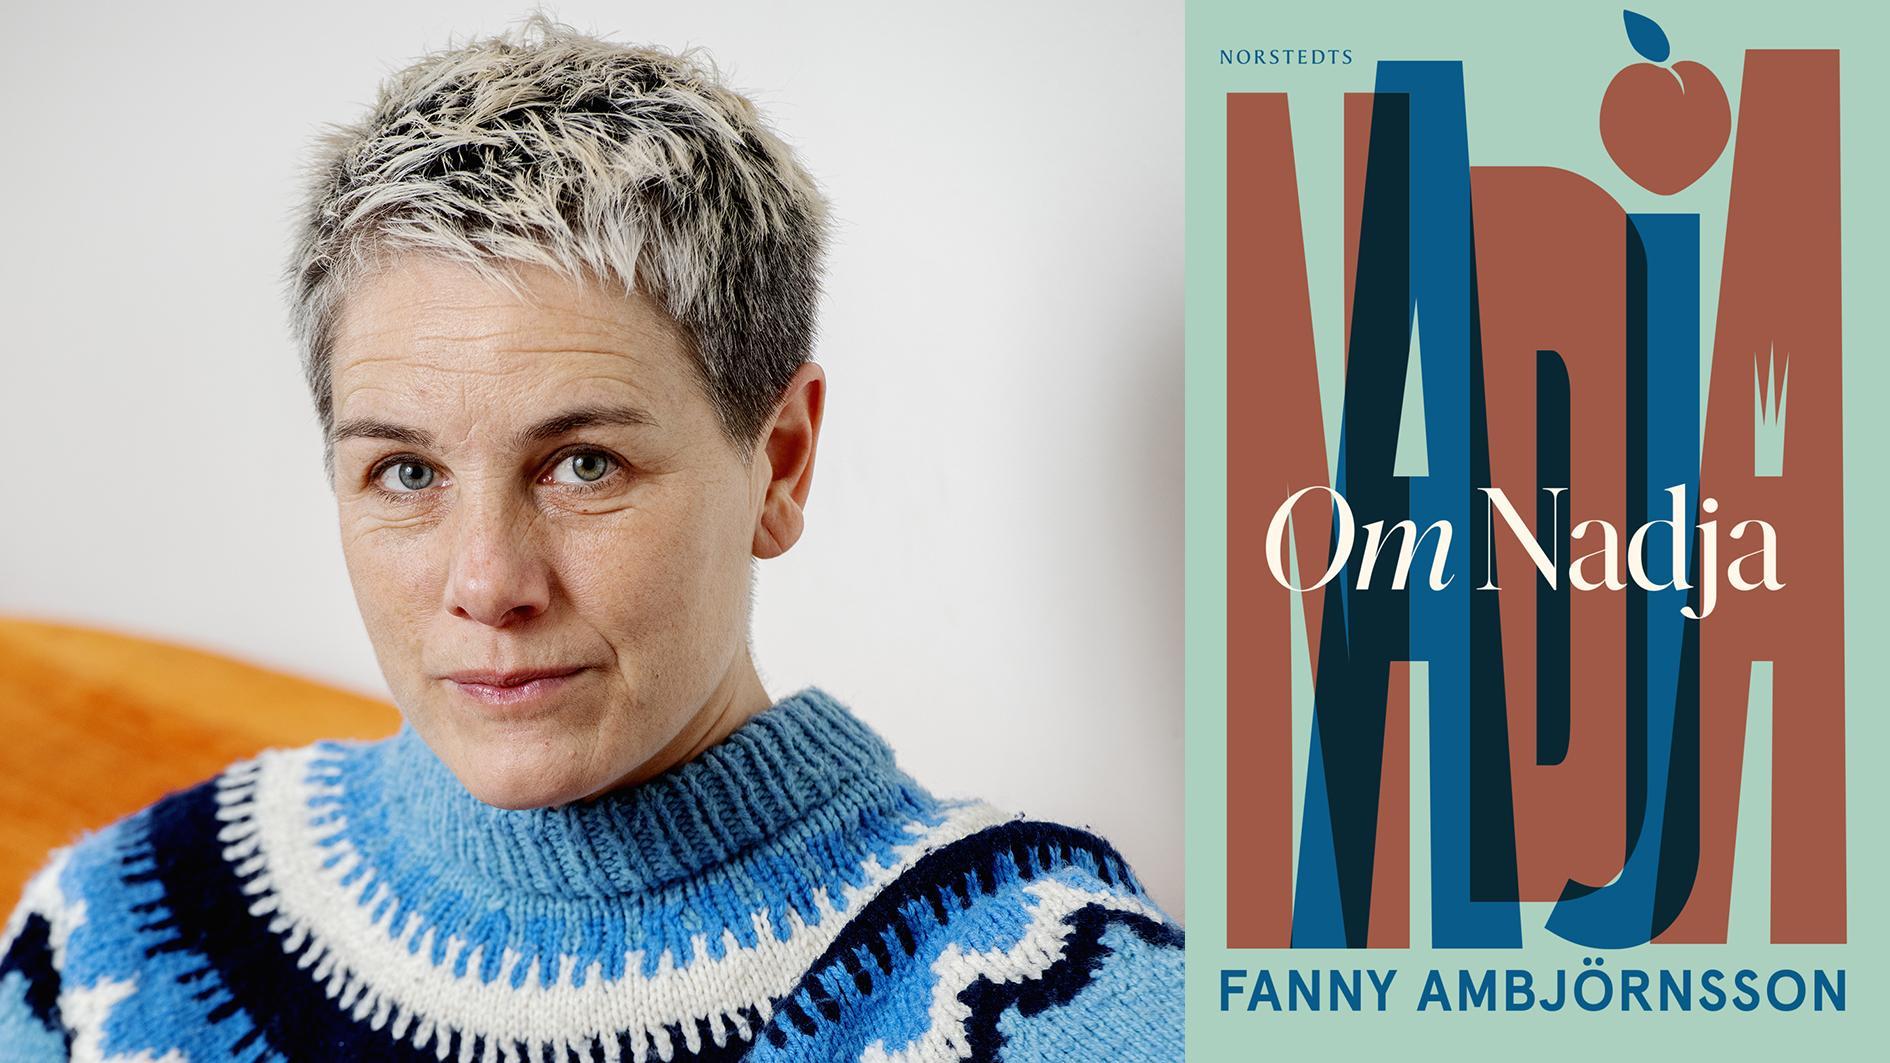 """Fanny Ambjörnsson är socialantropolog och genusvetare, verksam vid Stockholms universitet. Hon disputerade 2004 med """"I en klass för sig"""" och utkommer nu med en bok om sin syster Nadja."""